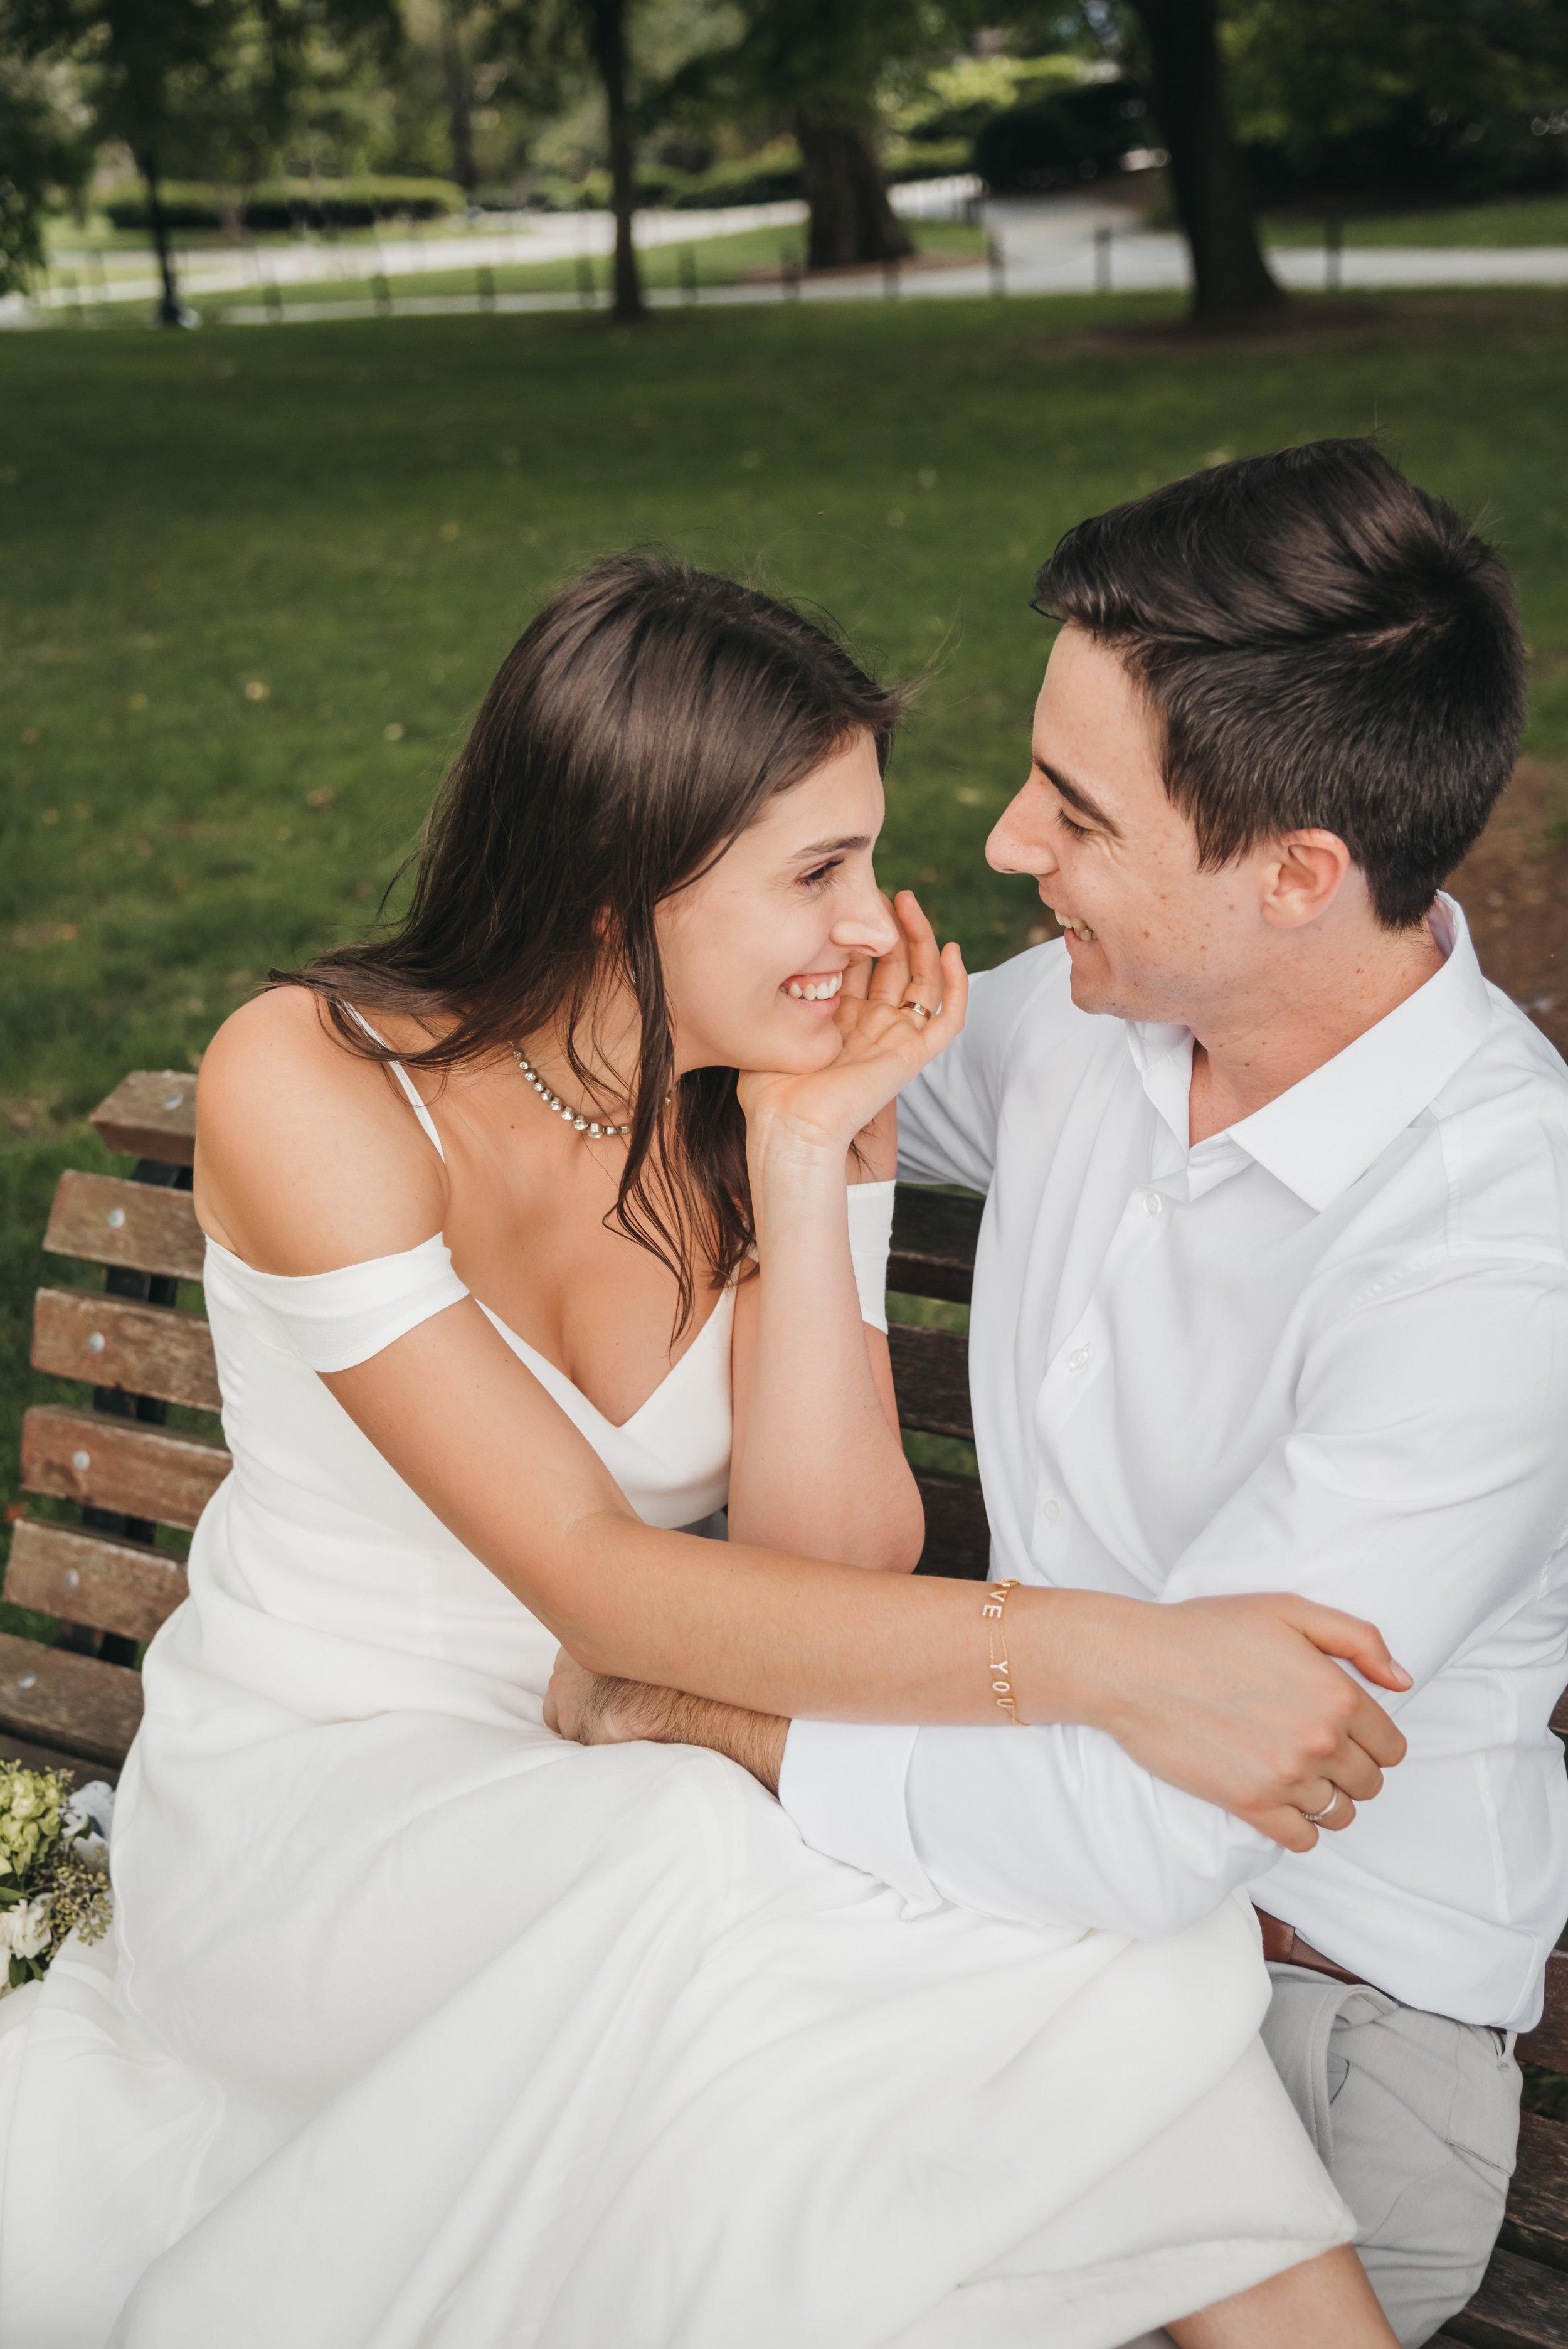 boston-public-garden-intimate-destination-elopement-18.jpg